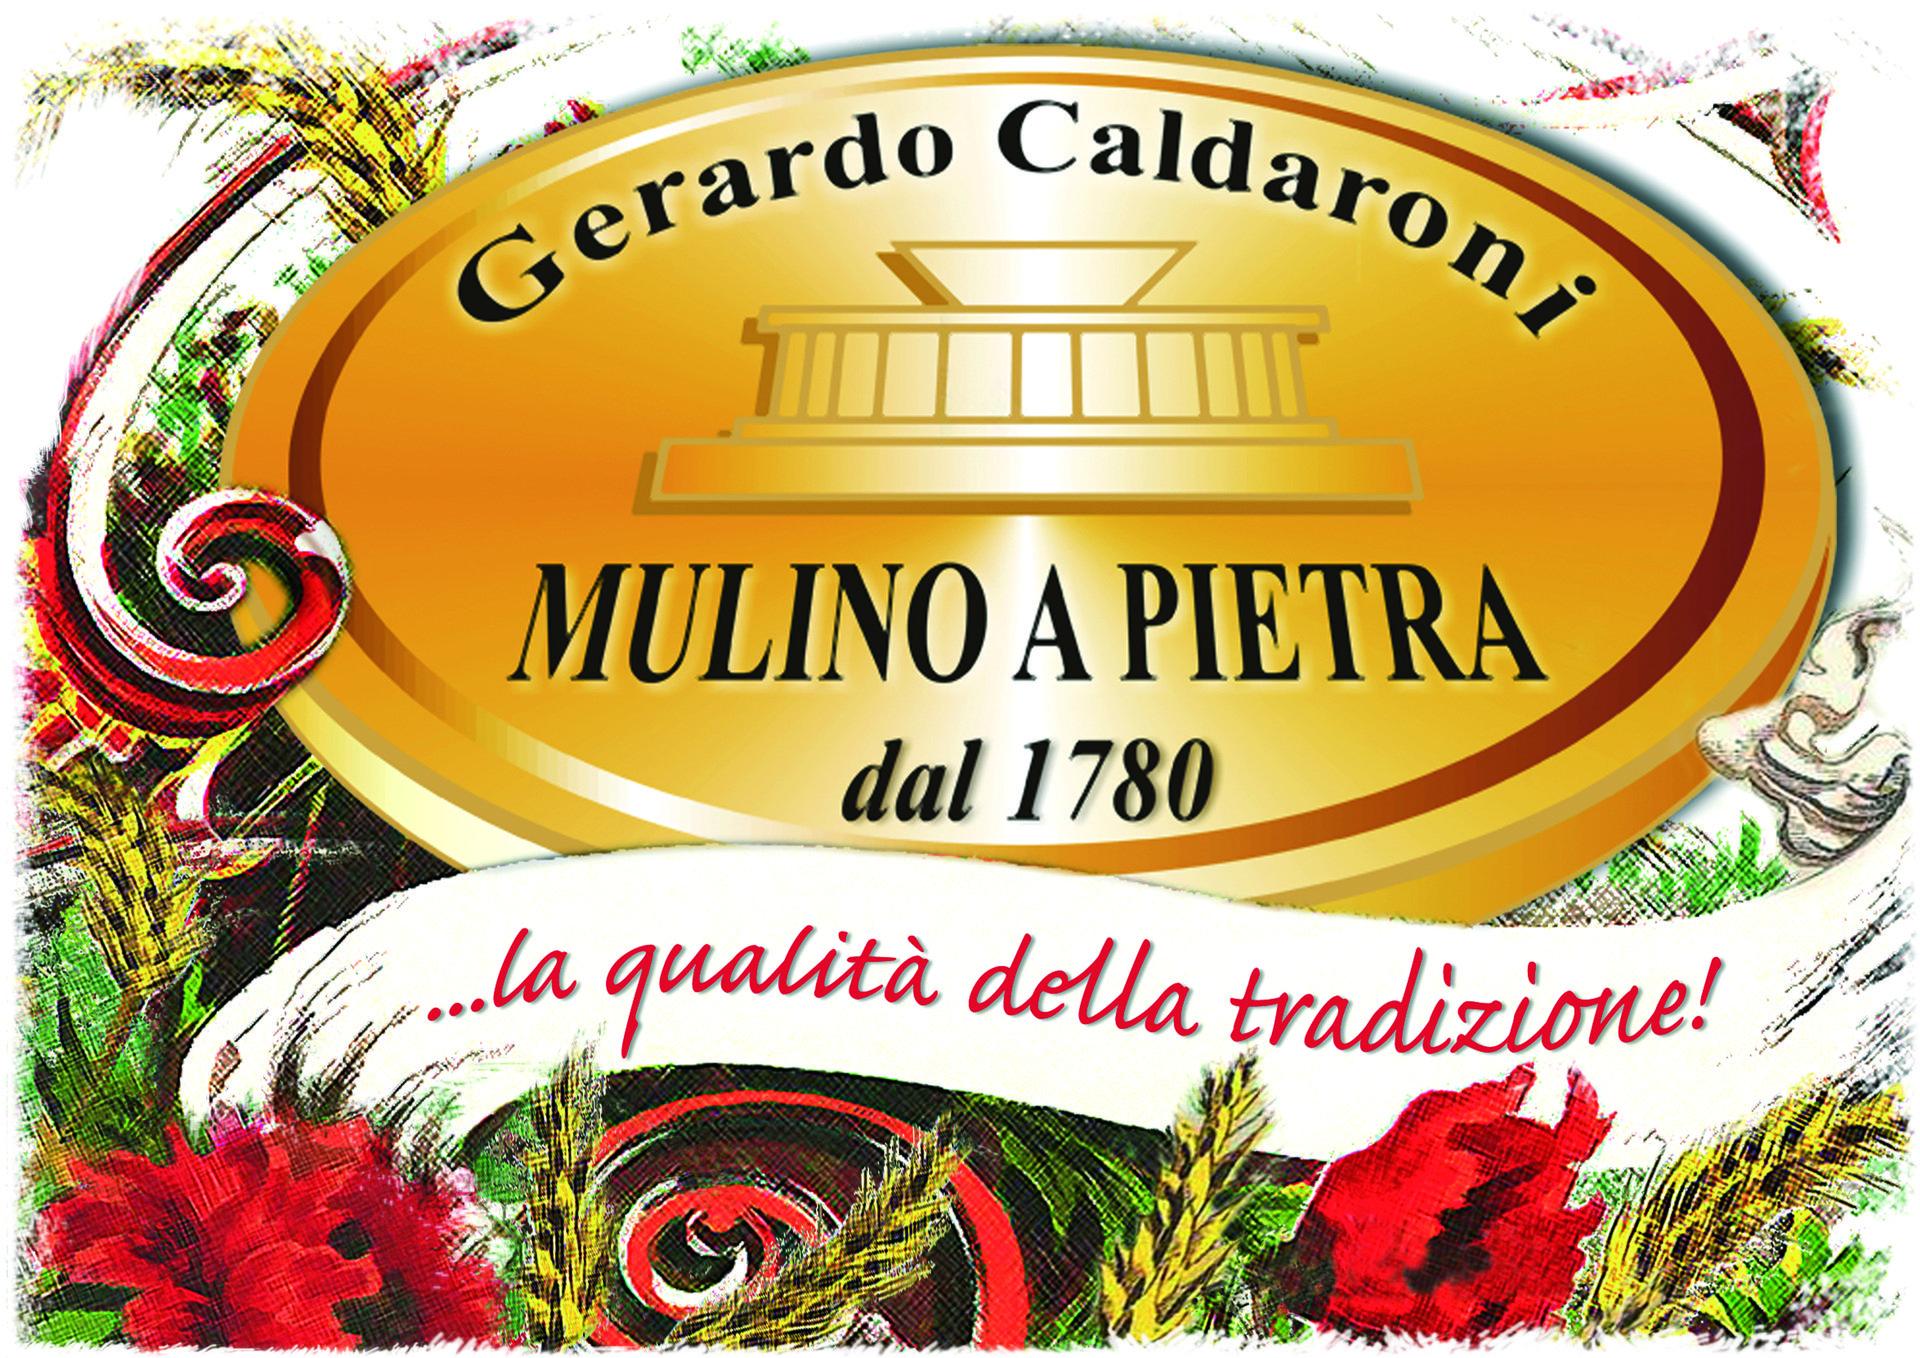 MULINO A PIETRA CALDARONI - LOGO